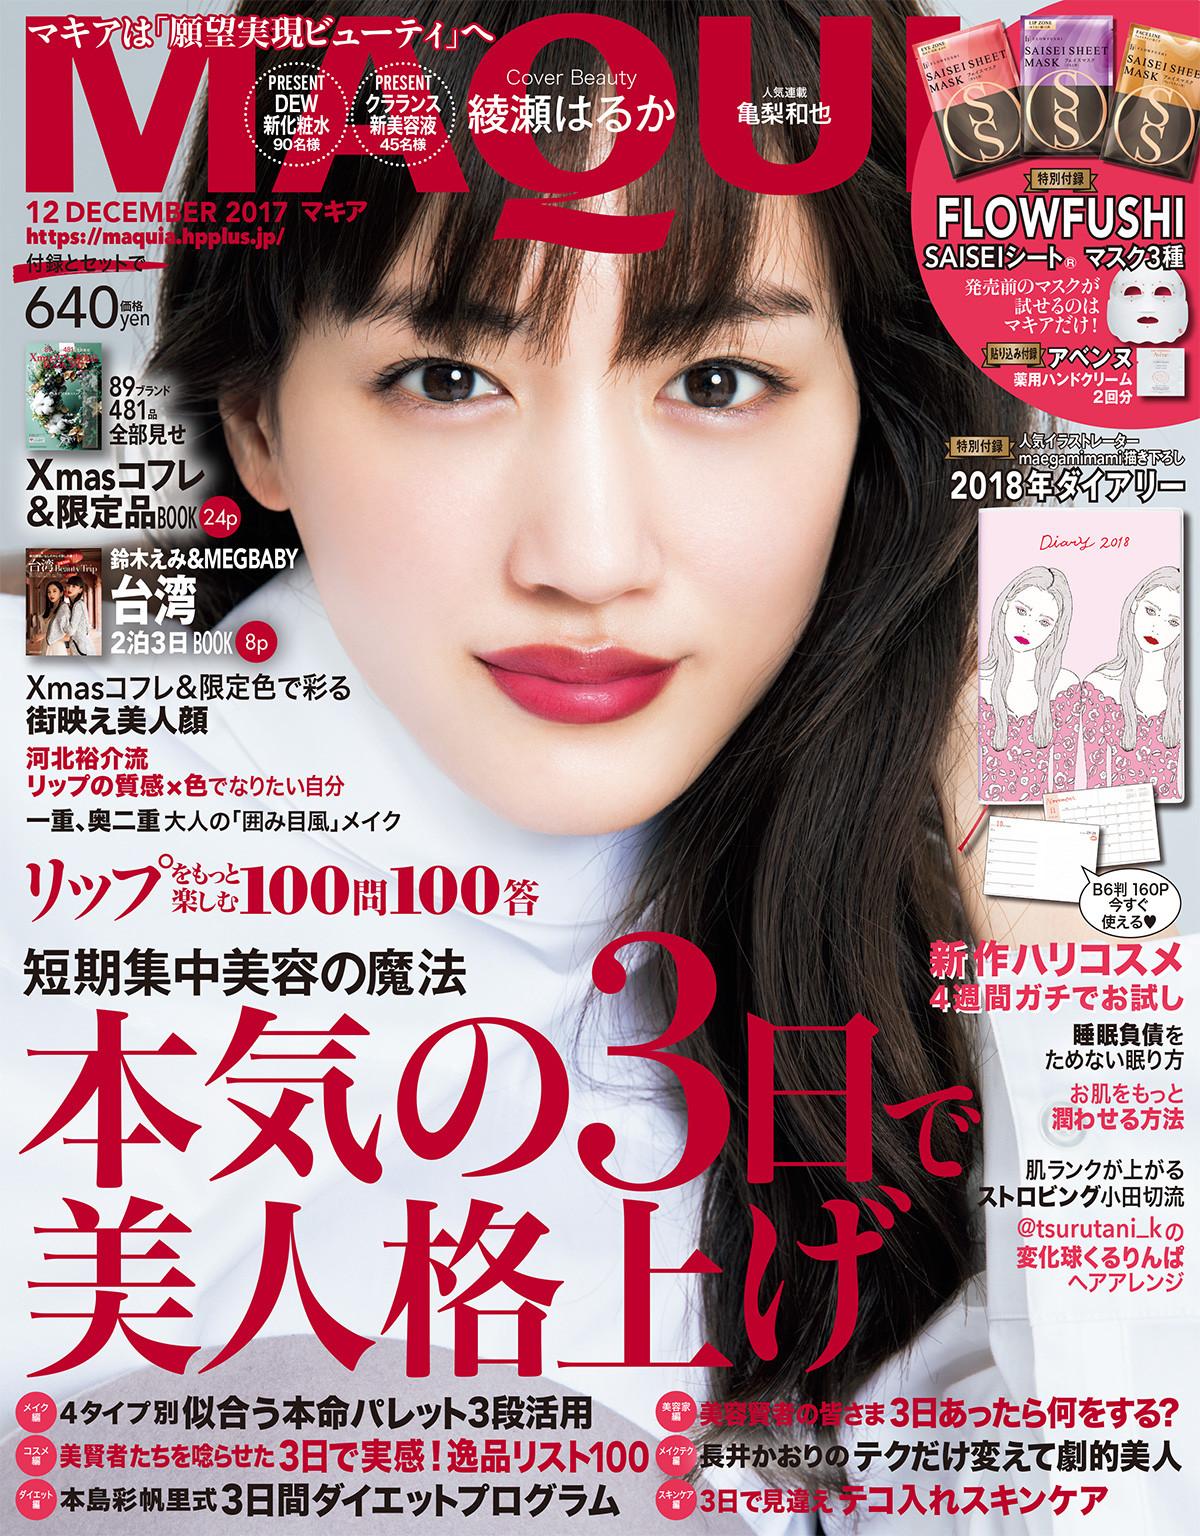 【マキア12月号試し読み】大特集は本気の3日で美人格上げ!